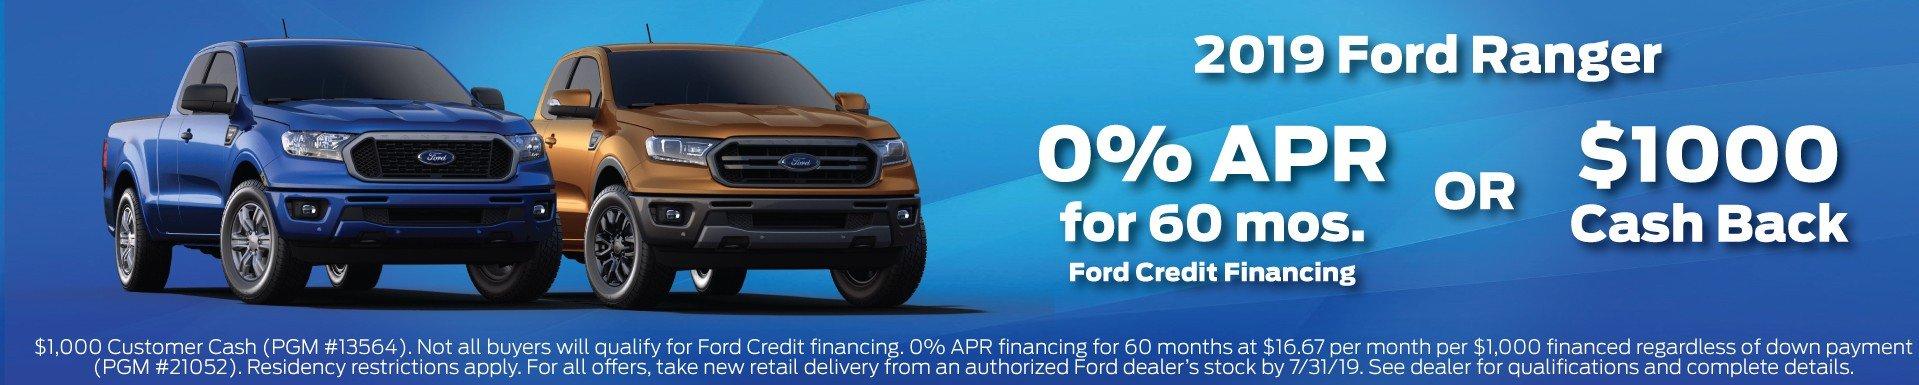 2019 Ford Ranger Offer 7-2019